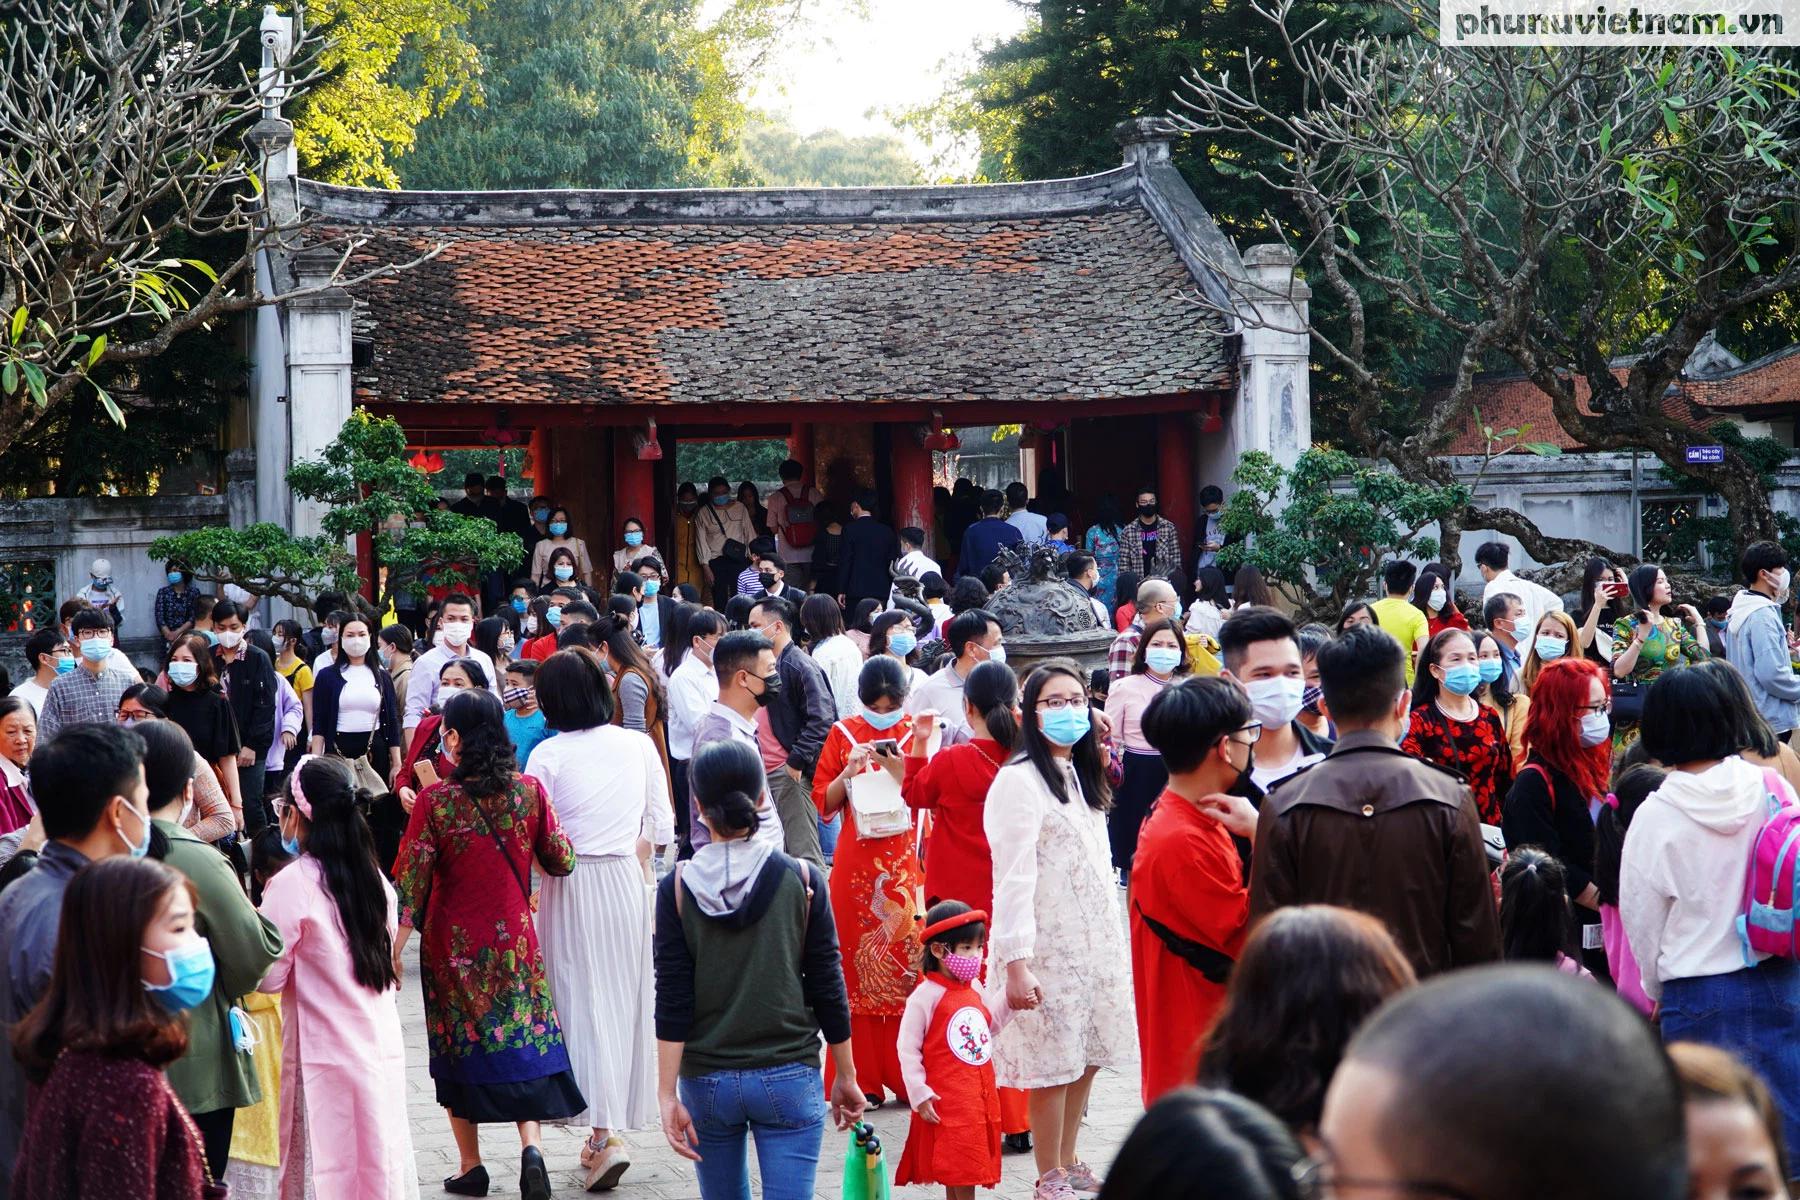 Cả ngàn người đội nắng, xếp hàng đến Văn Miếu - Quốc Tử Giám trong ngày Tết Thầy - Ảnh 21.